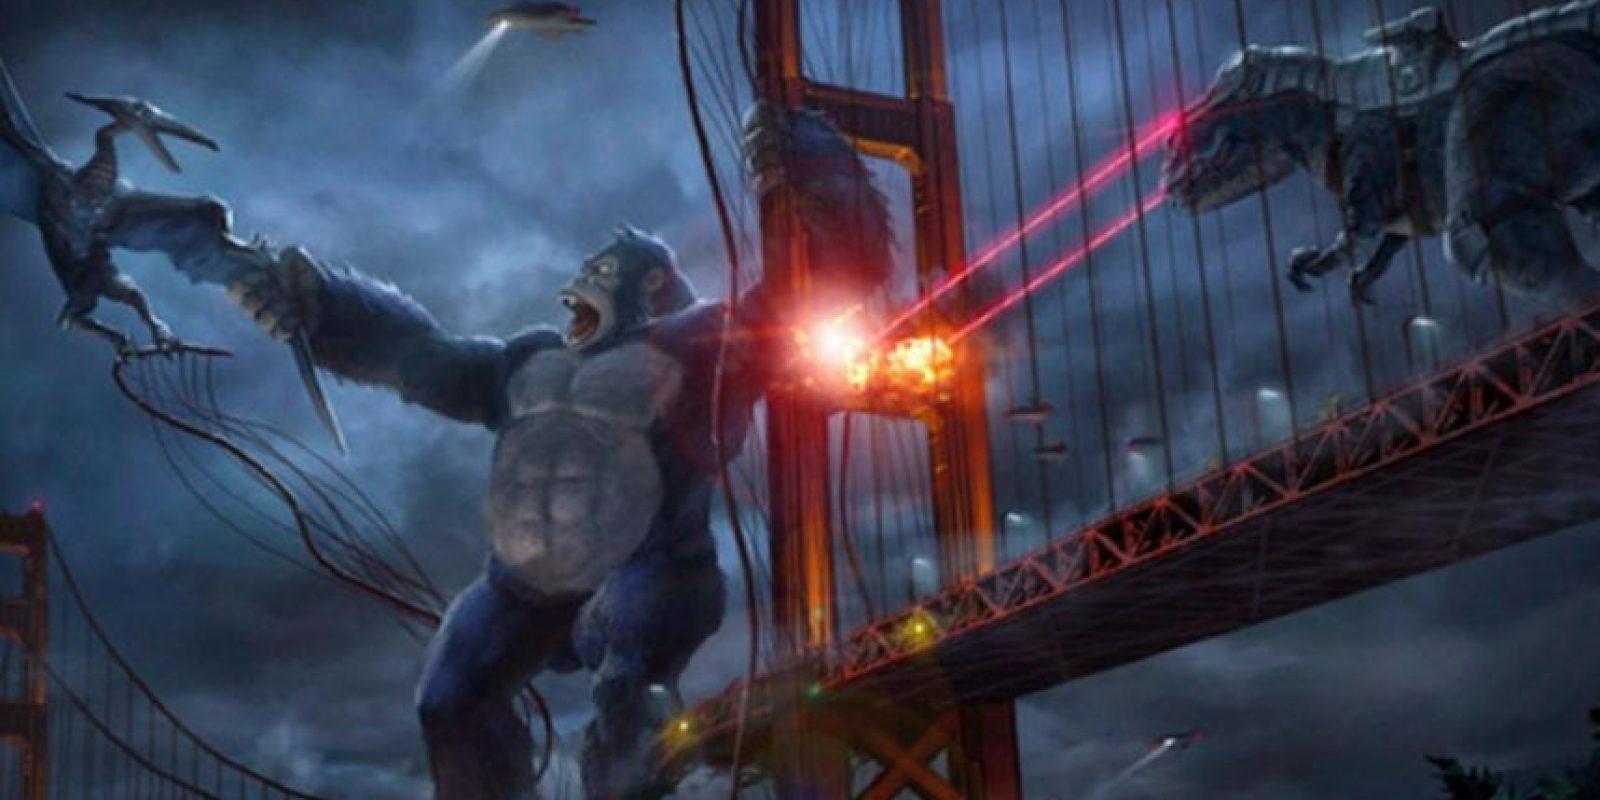 """Ambientada en 2050, es una versión animada y moderna de la clásica historia de """"King Kong"""" con un trato humano que lo convierte en superhéroe. Foto:Netflix"""